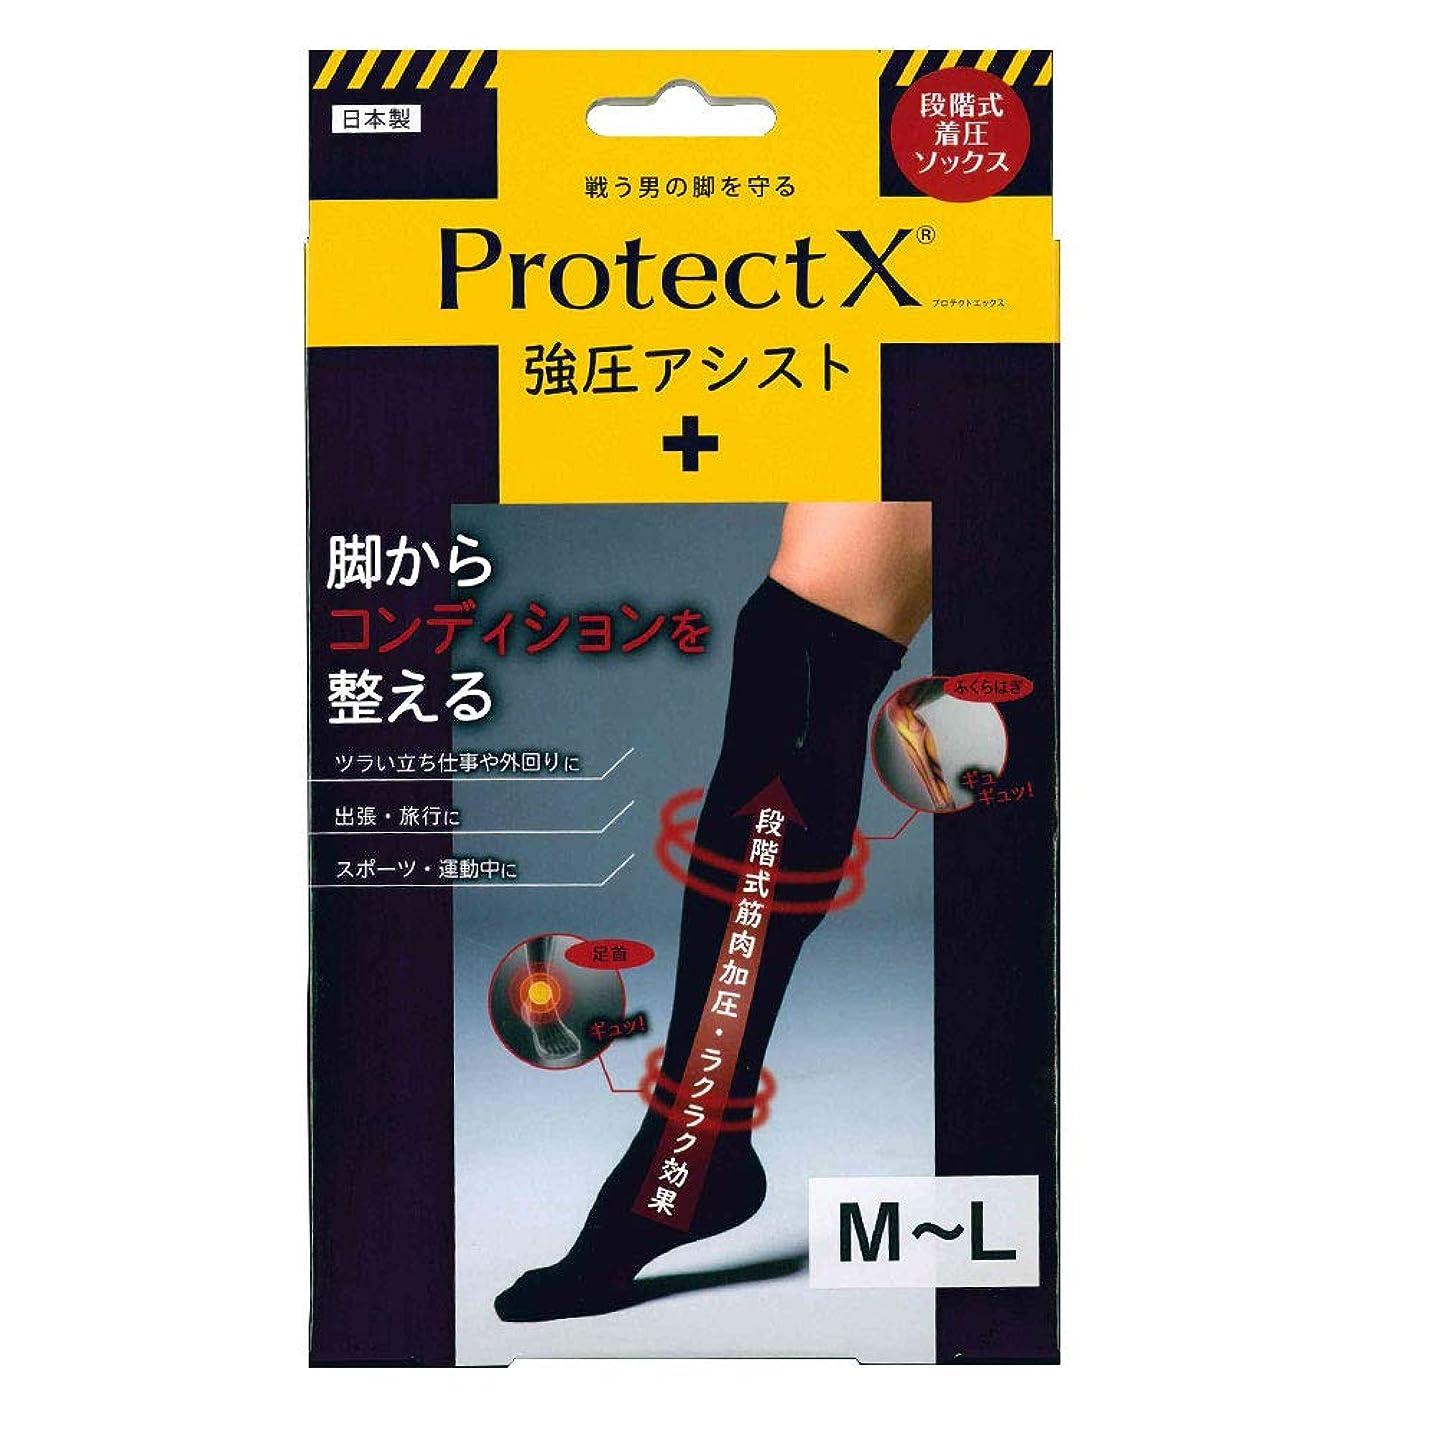 謎めいた物思いにふける法廷Protect X(プロテクトエックス) 強圧アシスト つま先あり着圧ソックス 膝上 M-Lサイズ ブラック